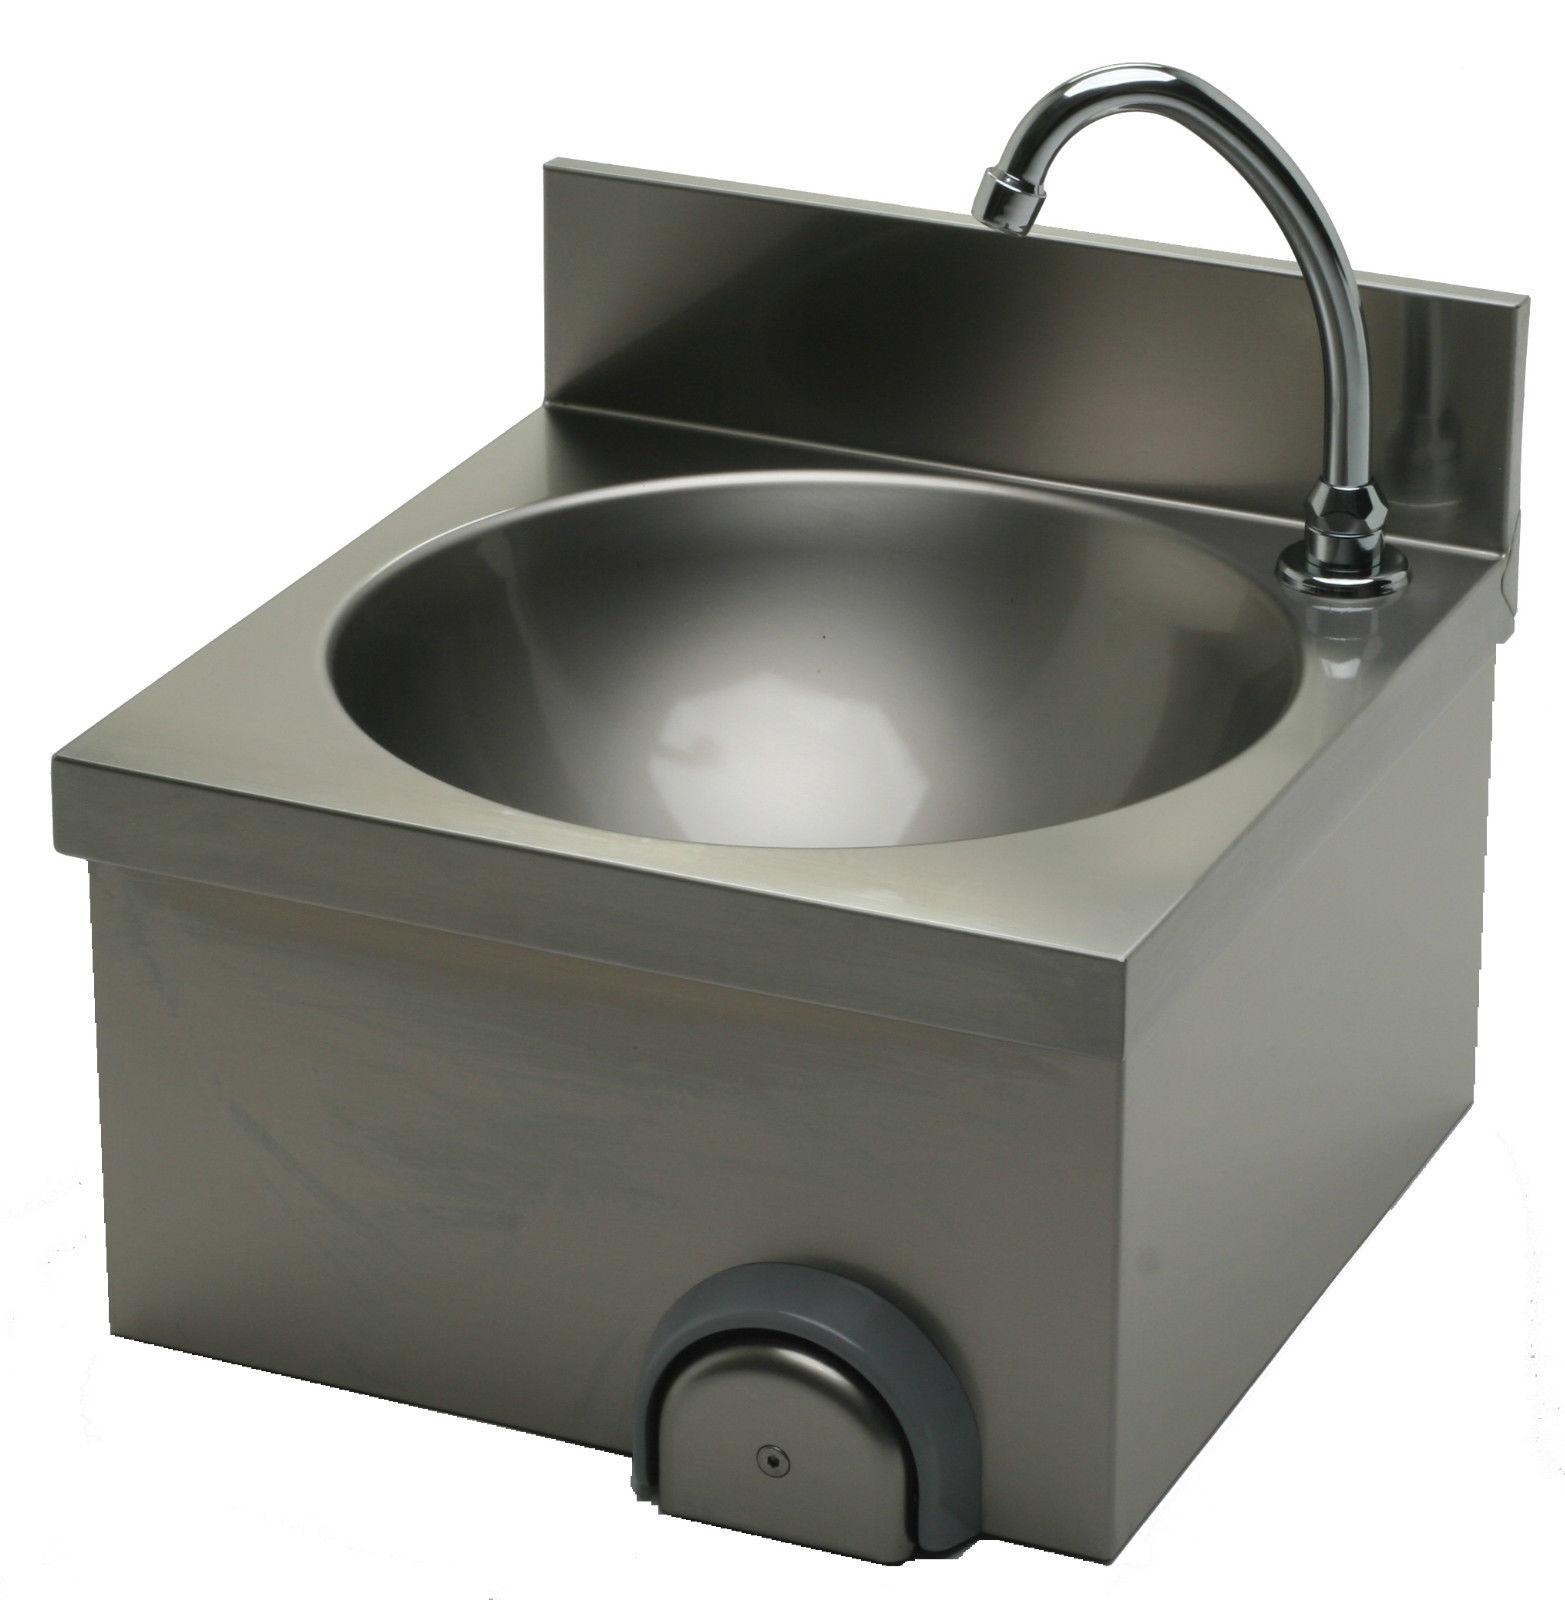 Lave main cuisine professionnelle inox cuve ronde L 400 x P 400 x H 250 mm